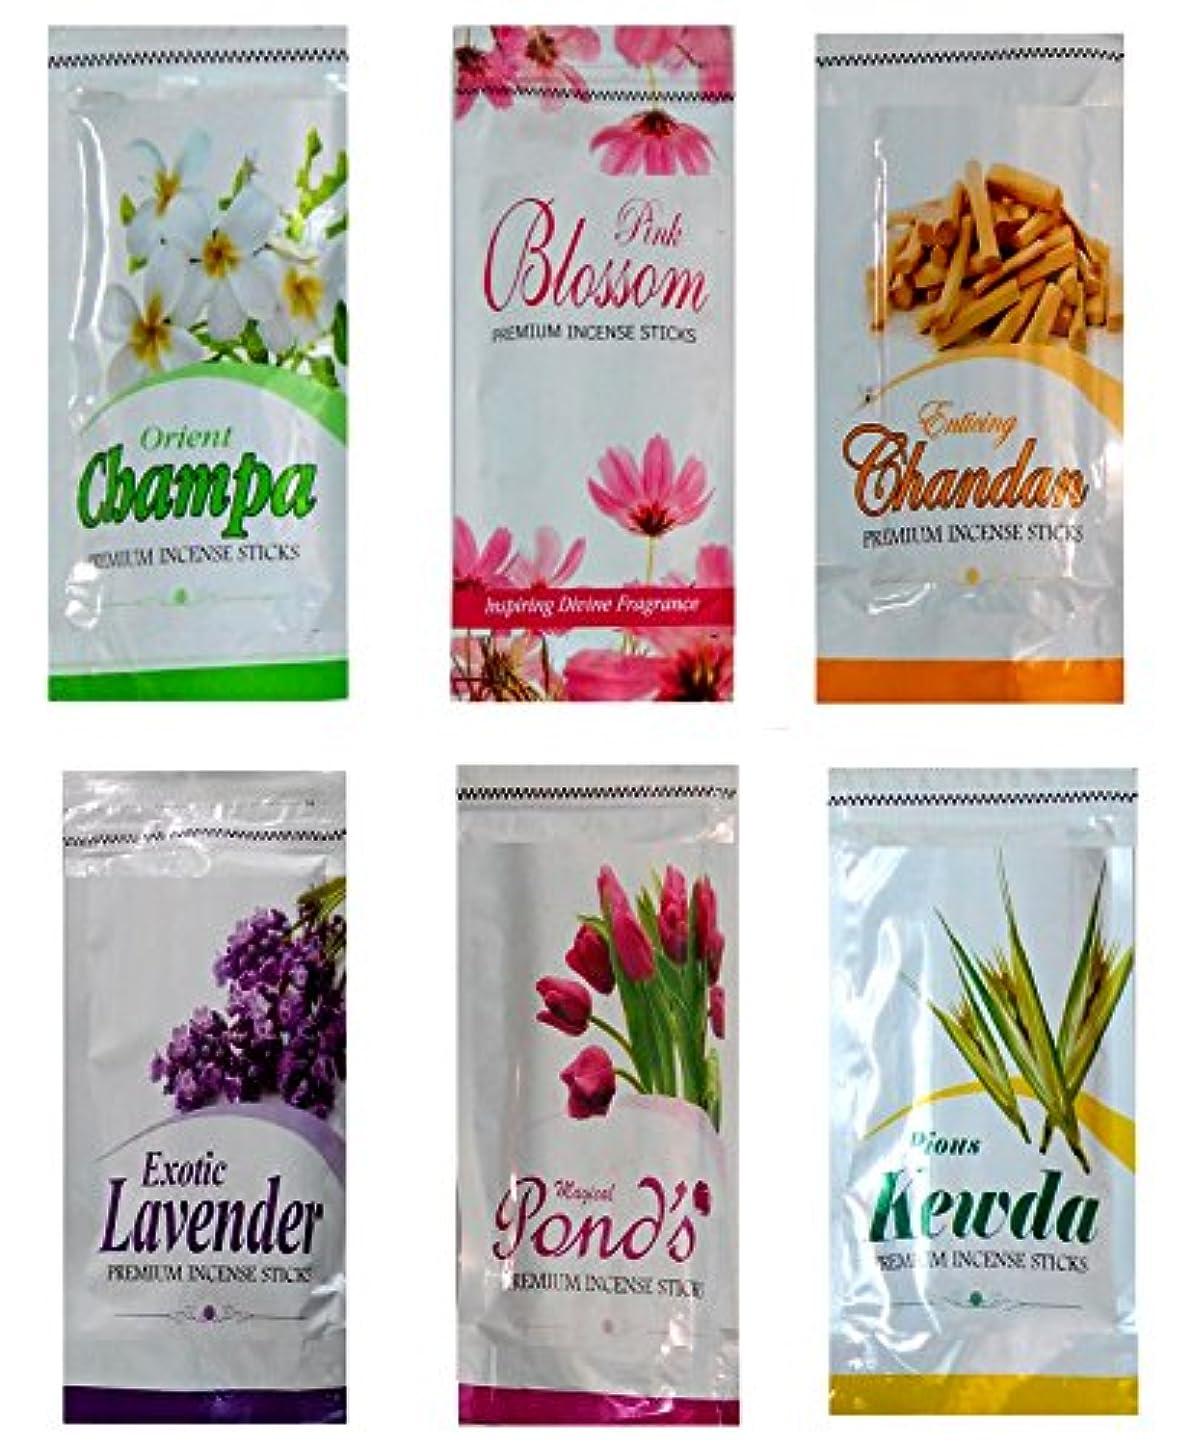 教育するありがたい静かなResealableプレミアム値パックの450 Incense Sticks ,セットof 6香りつき茶魔、Kewda、ラベンダー、池、サンダルウッド& Blossoms – Ayurveda Chakra Aroma...